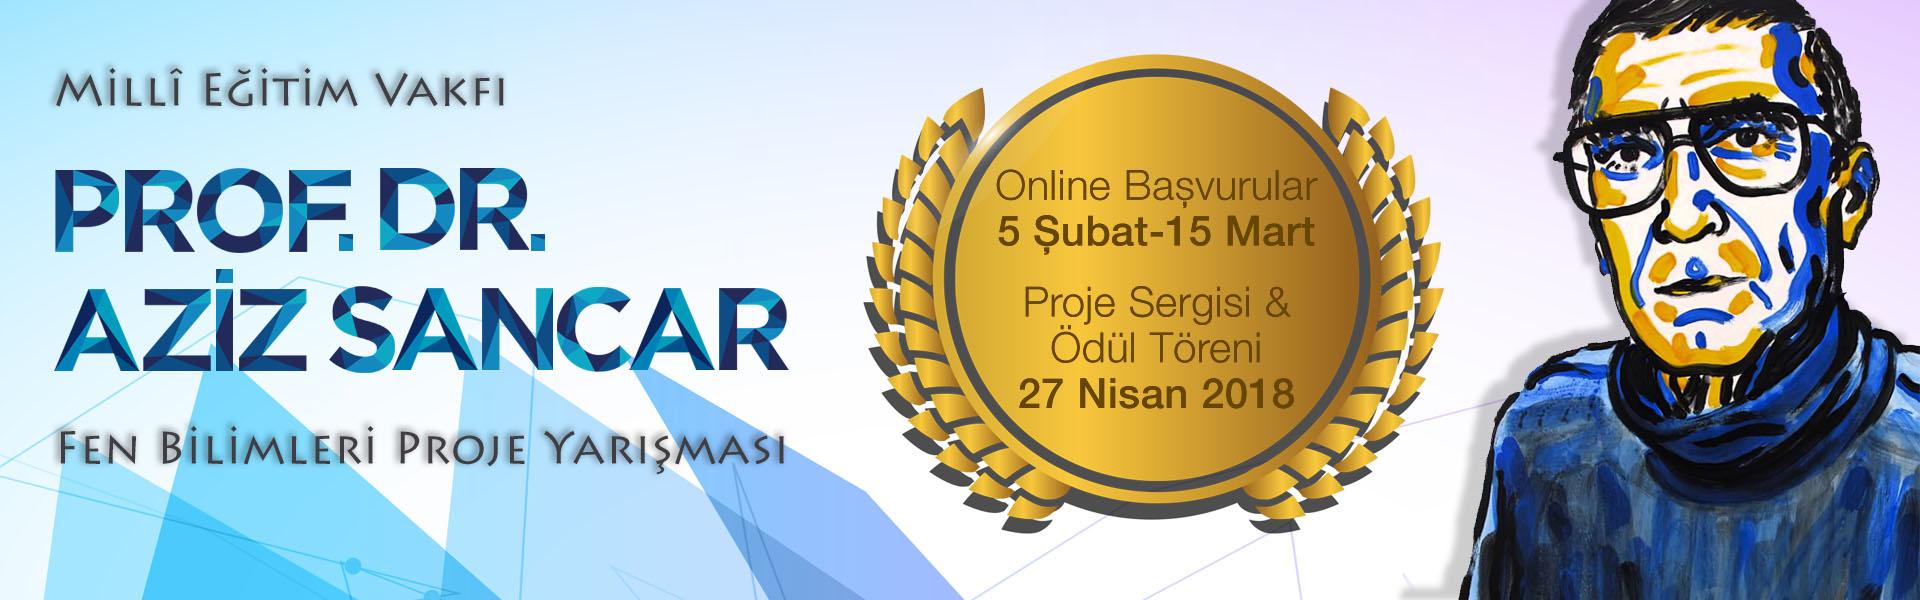 Millî Eğitim Vakfı Prof.Dr Aziz Sancar Fen Bilimleri Araştırma Projeleri Yarışması- 2018